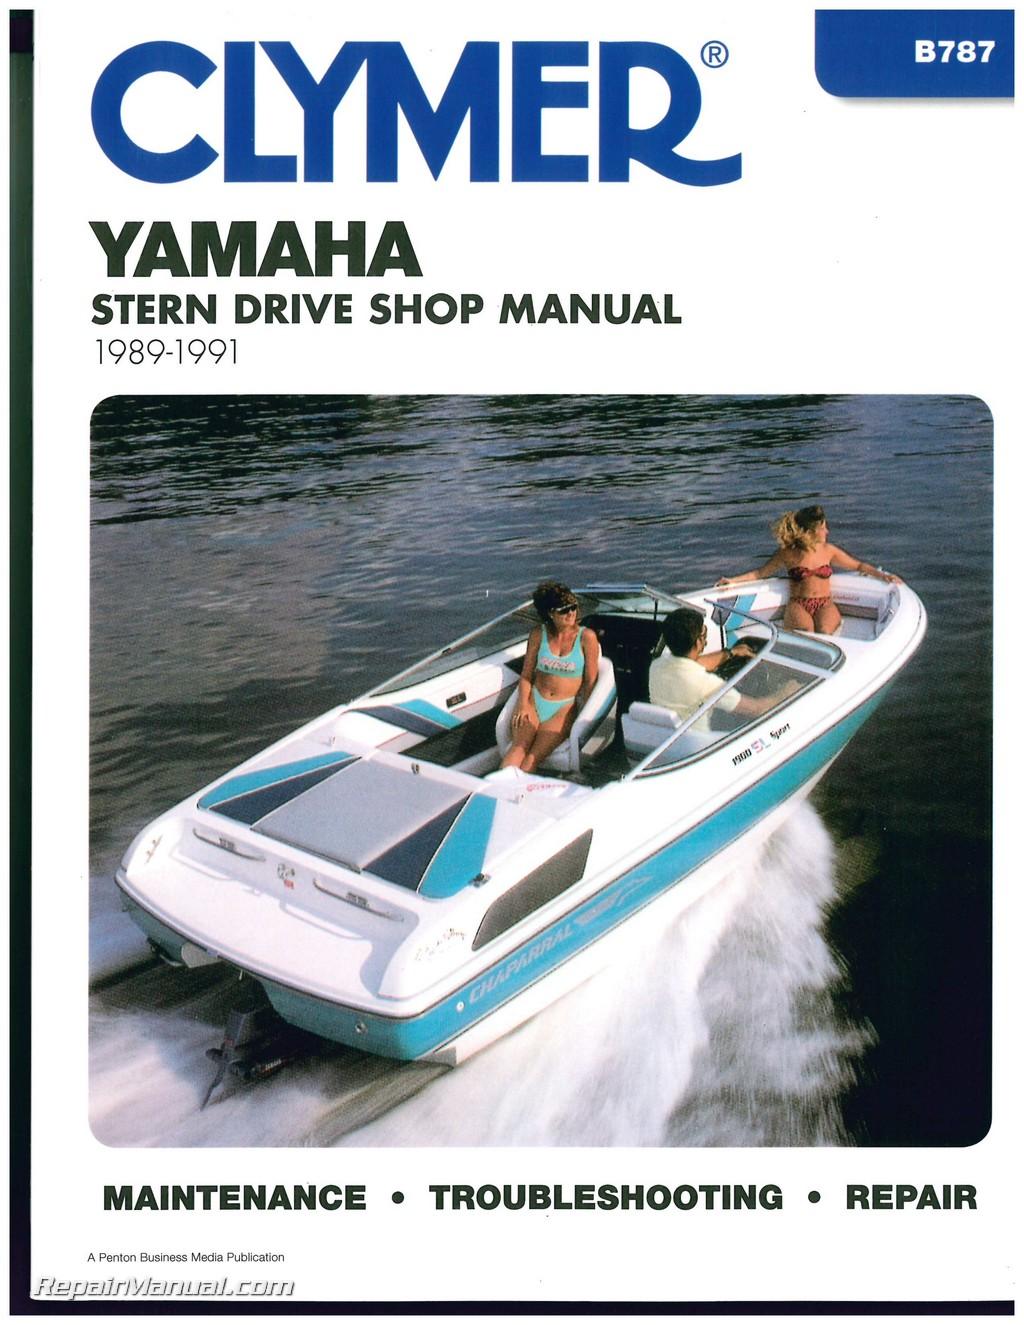 Yamaha Stern Drive Clymer Boat Engine